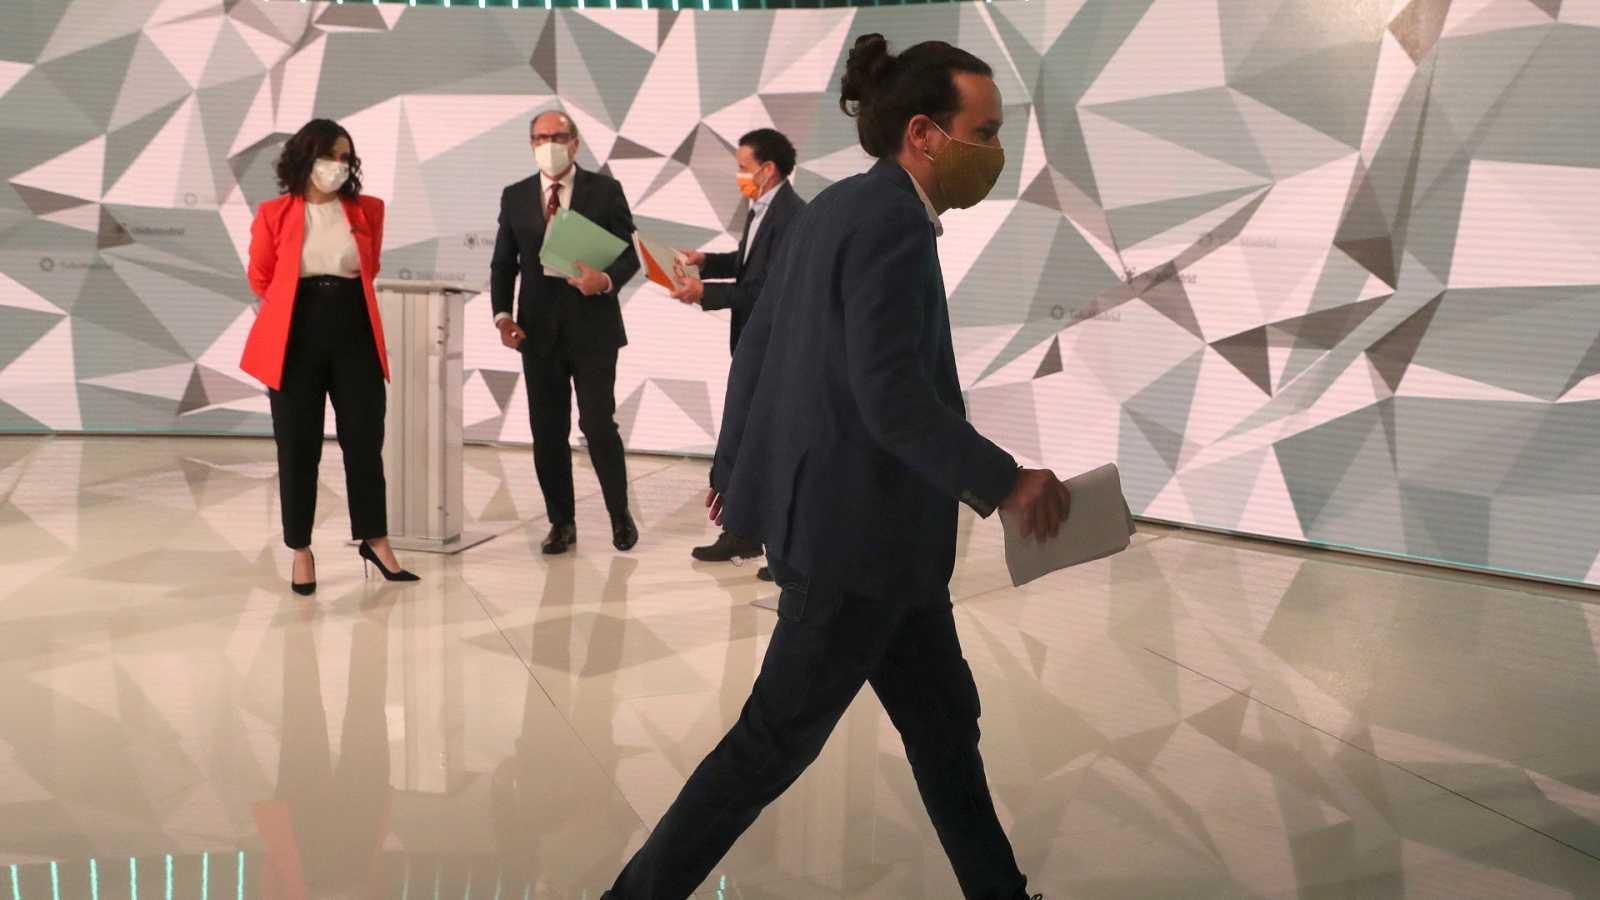 No habrá más debates electorales tras el plante de la izquierda a Vox